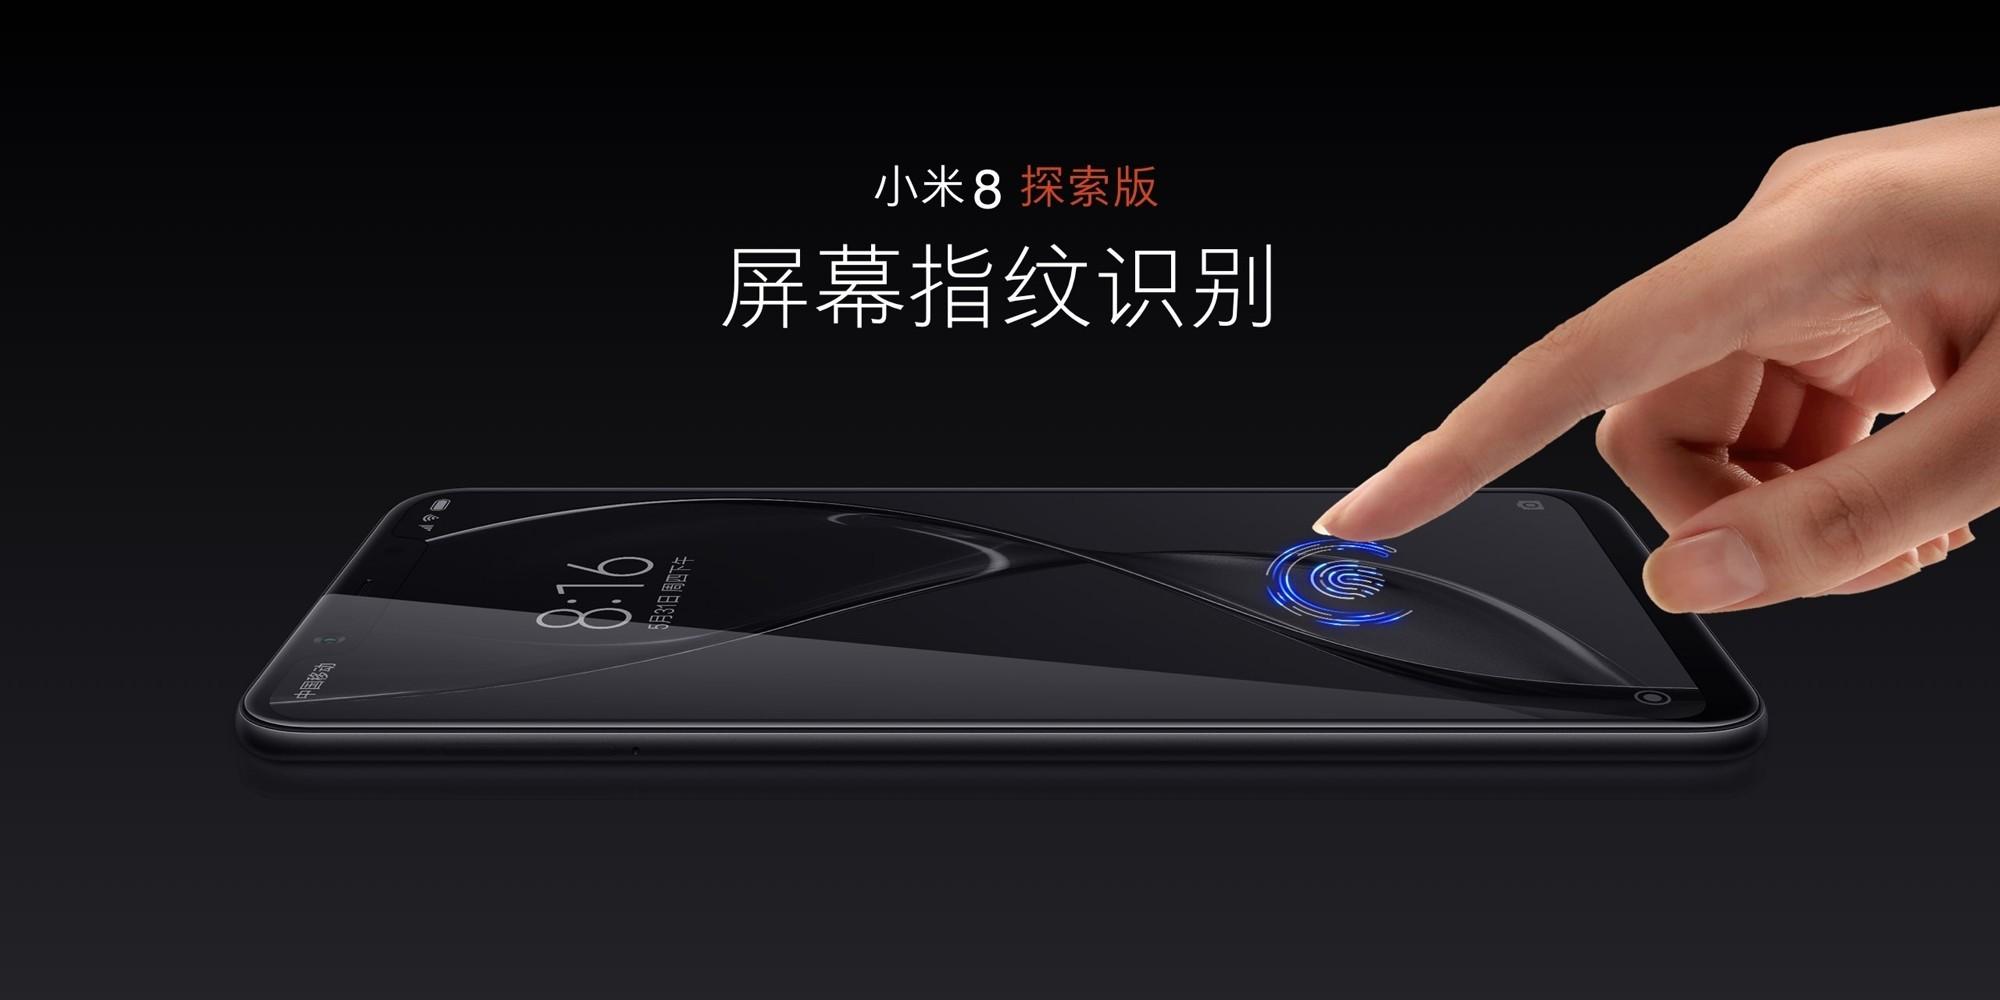 Xiaomi Mi8 будет работать начипе Snapdragon 845